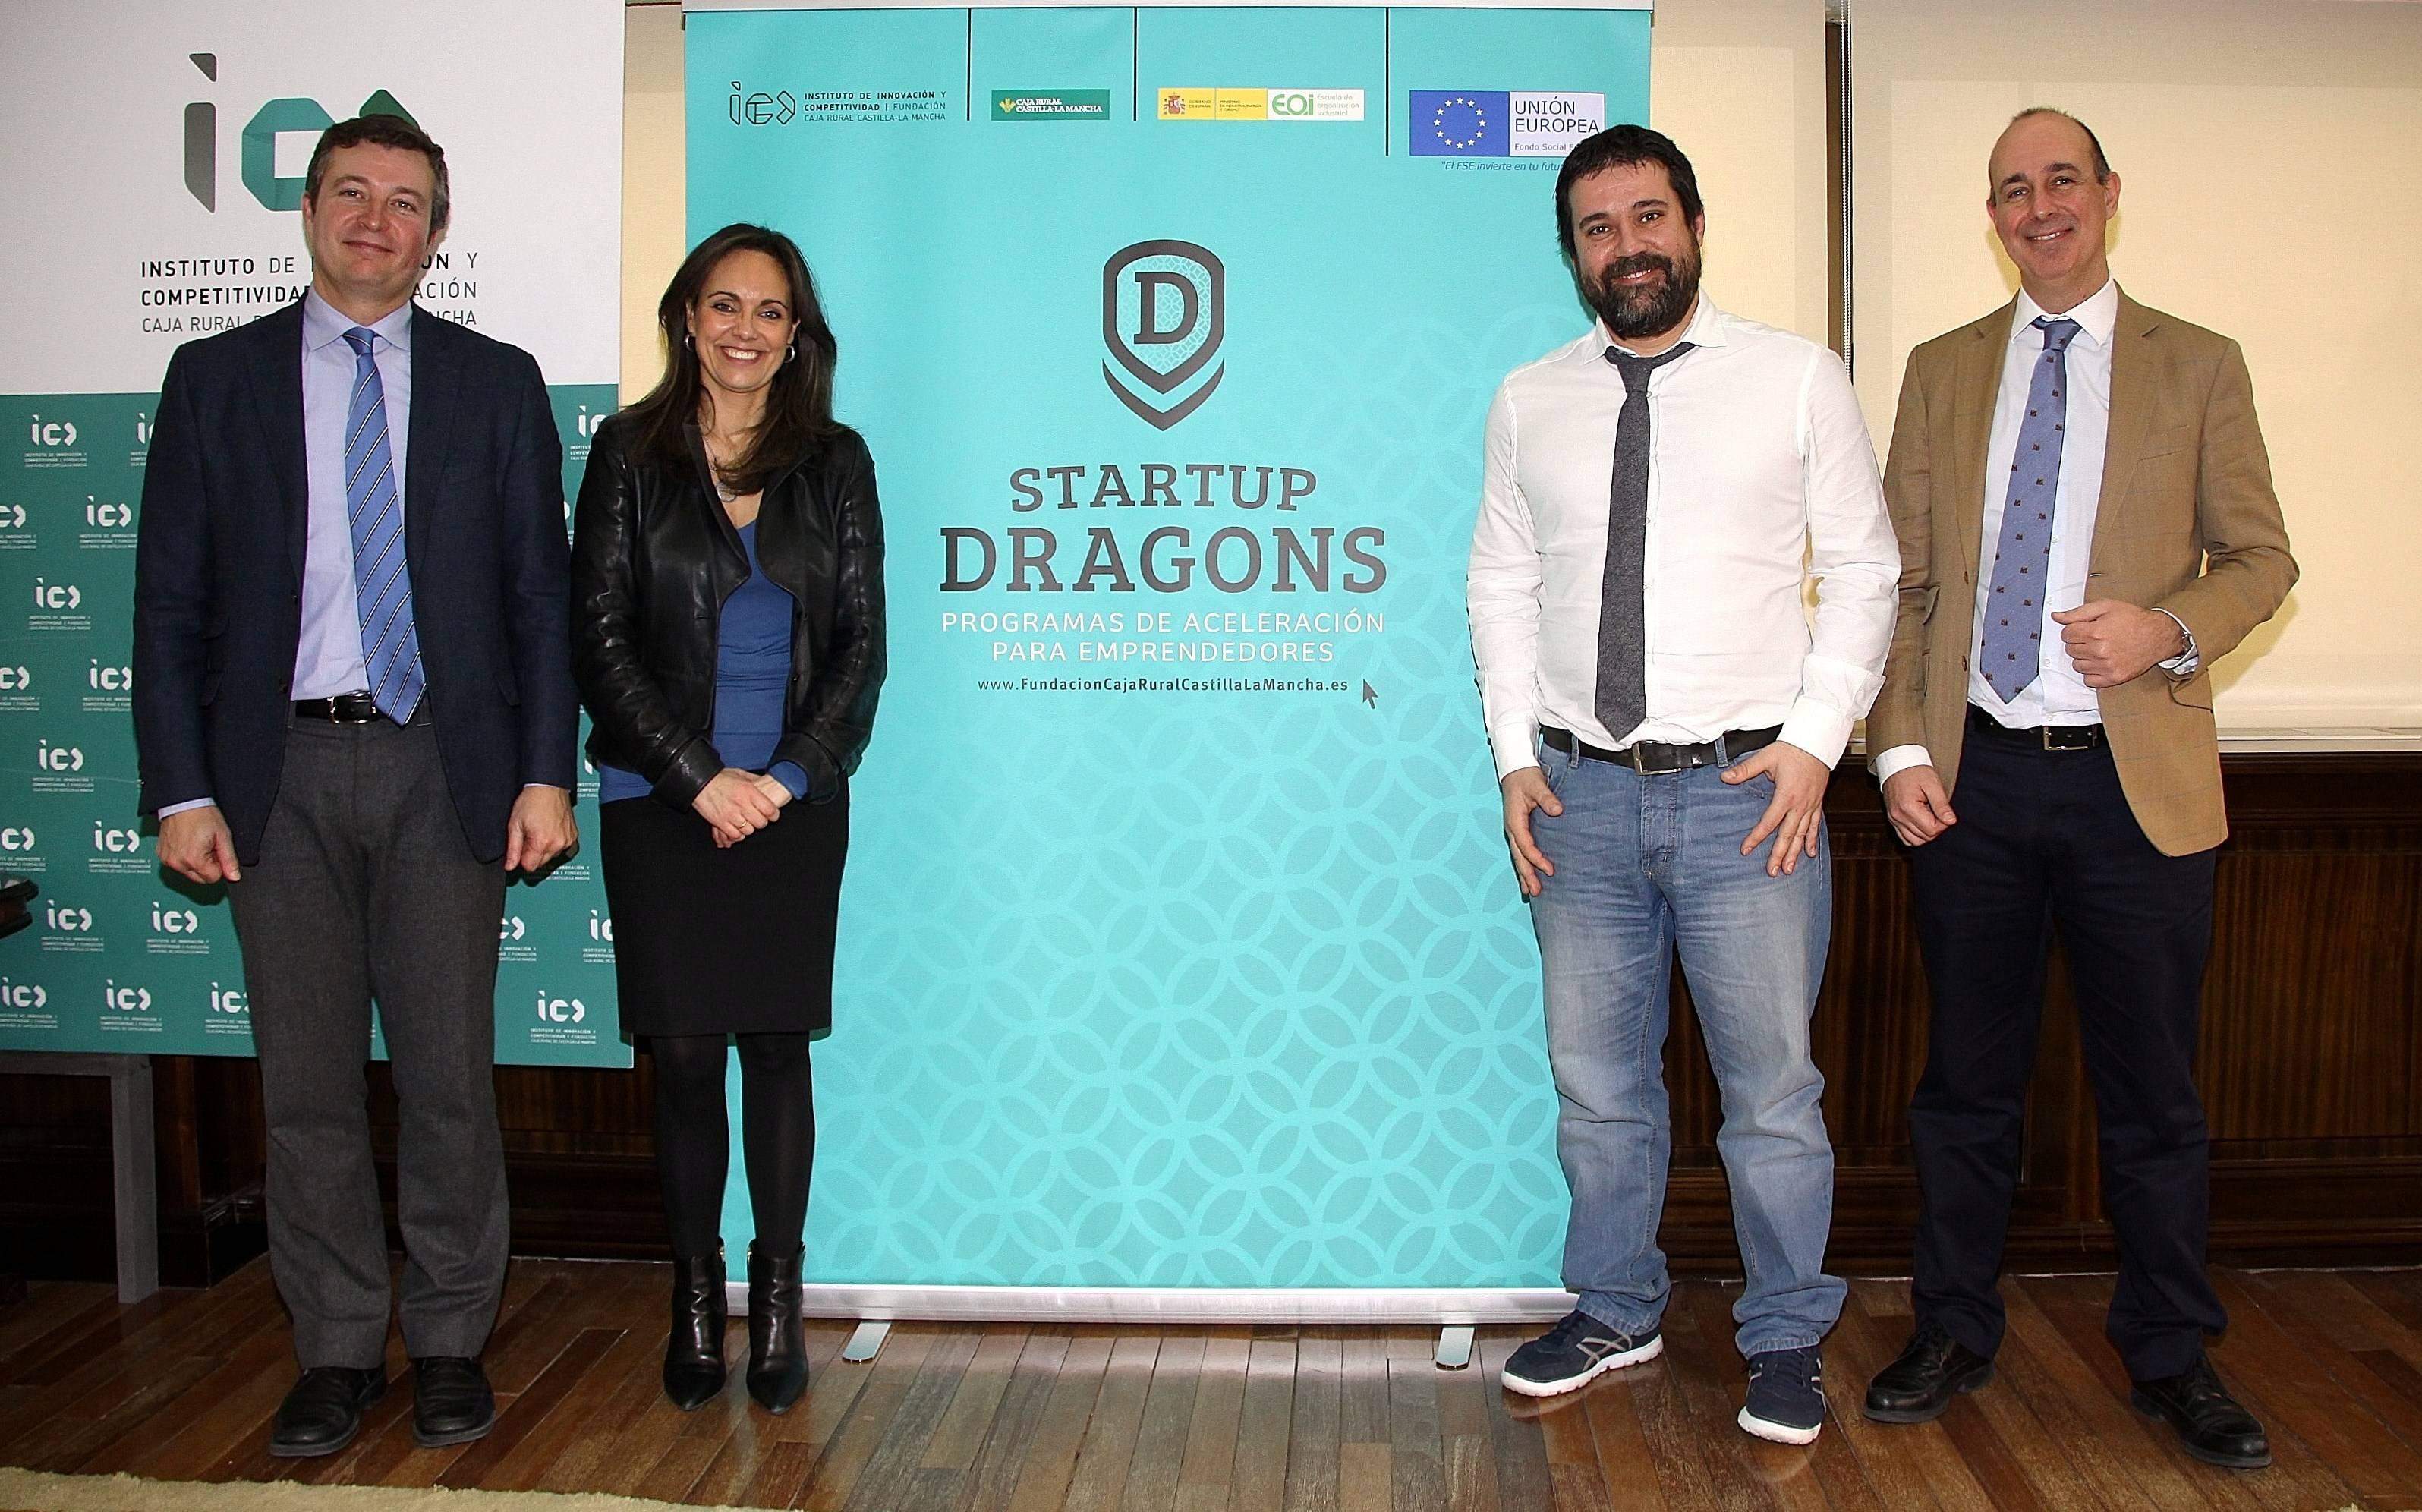 startup dragons